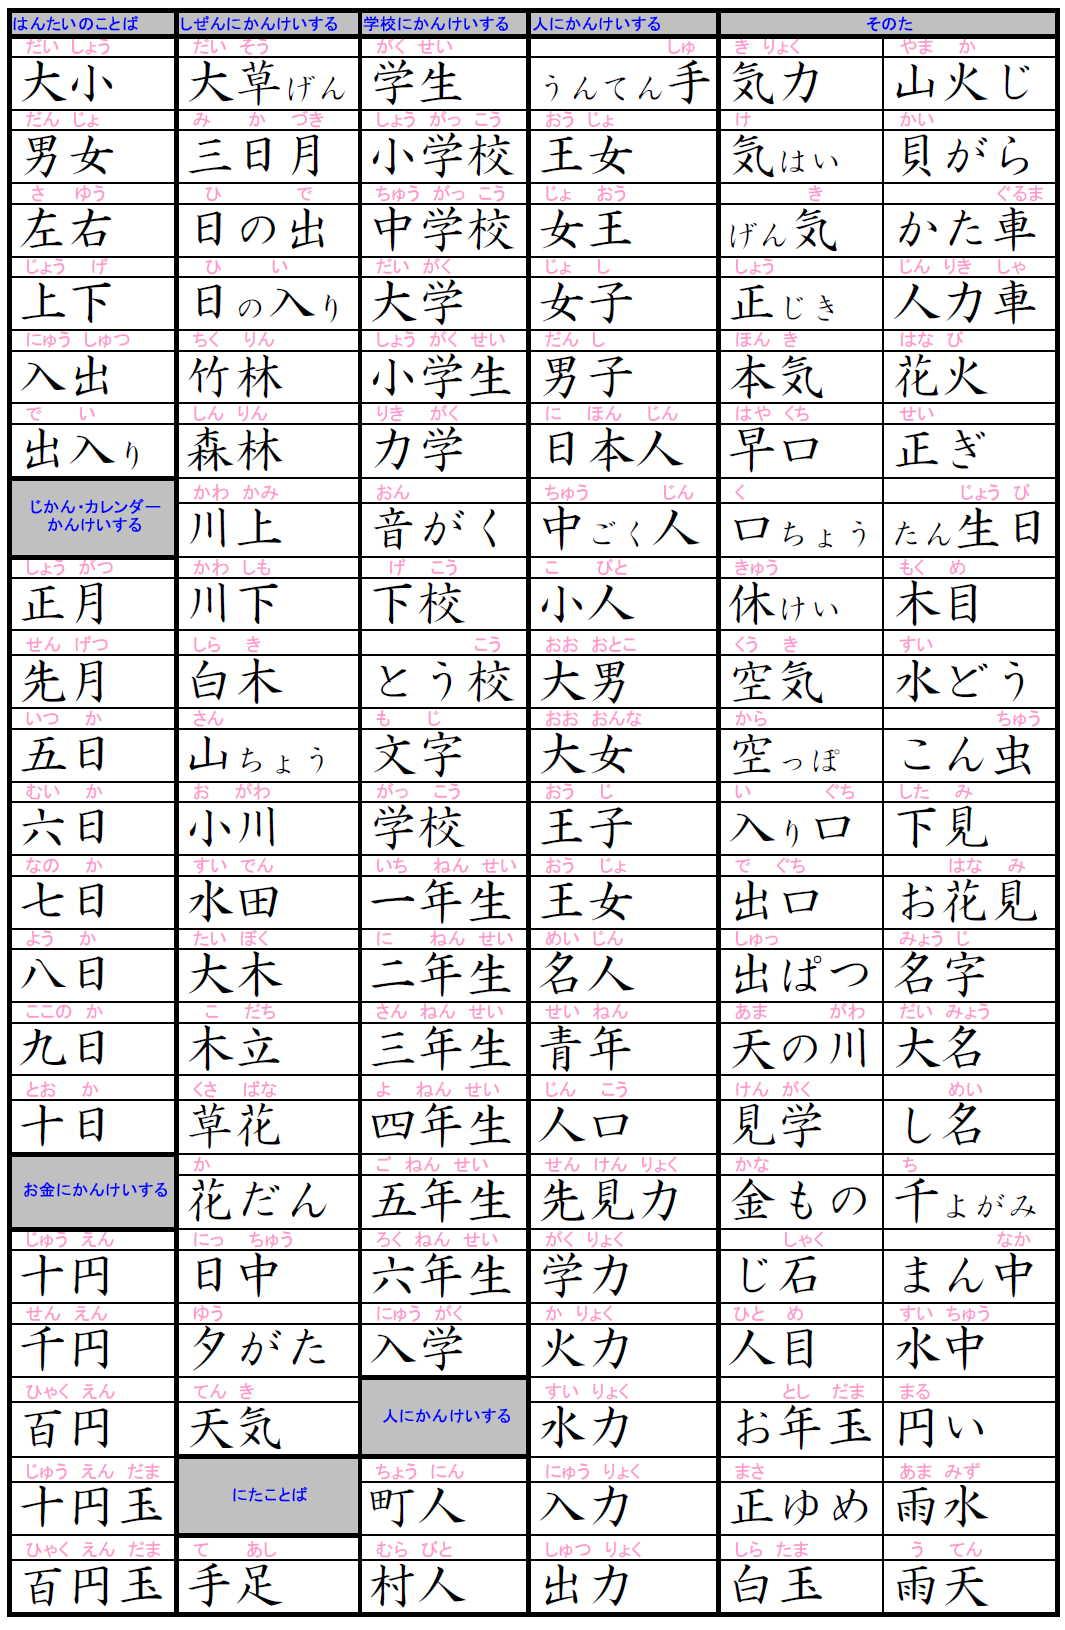 漢字 漢字 小学1年生 : 漢字検定10級対策-小学校一年生